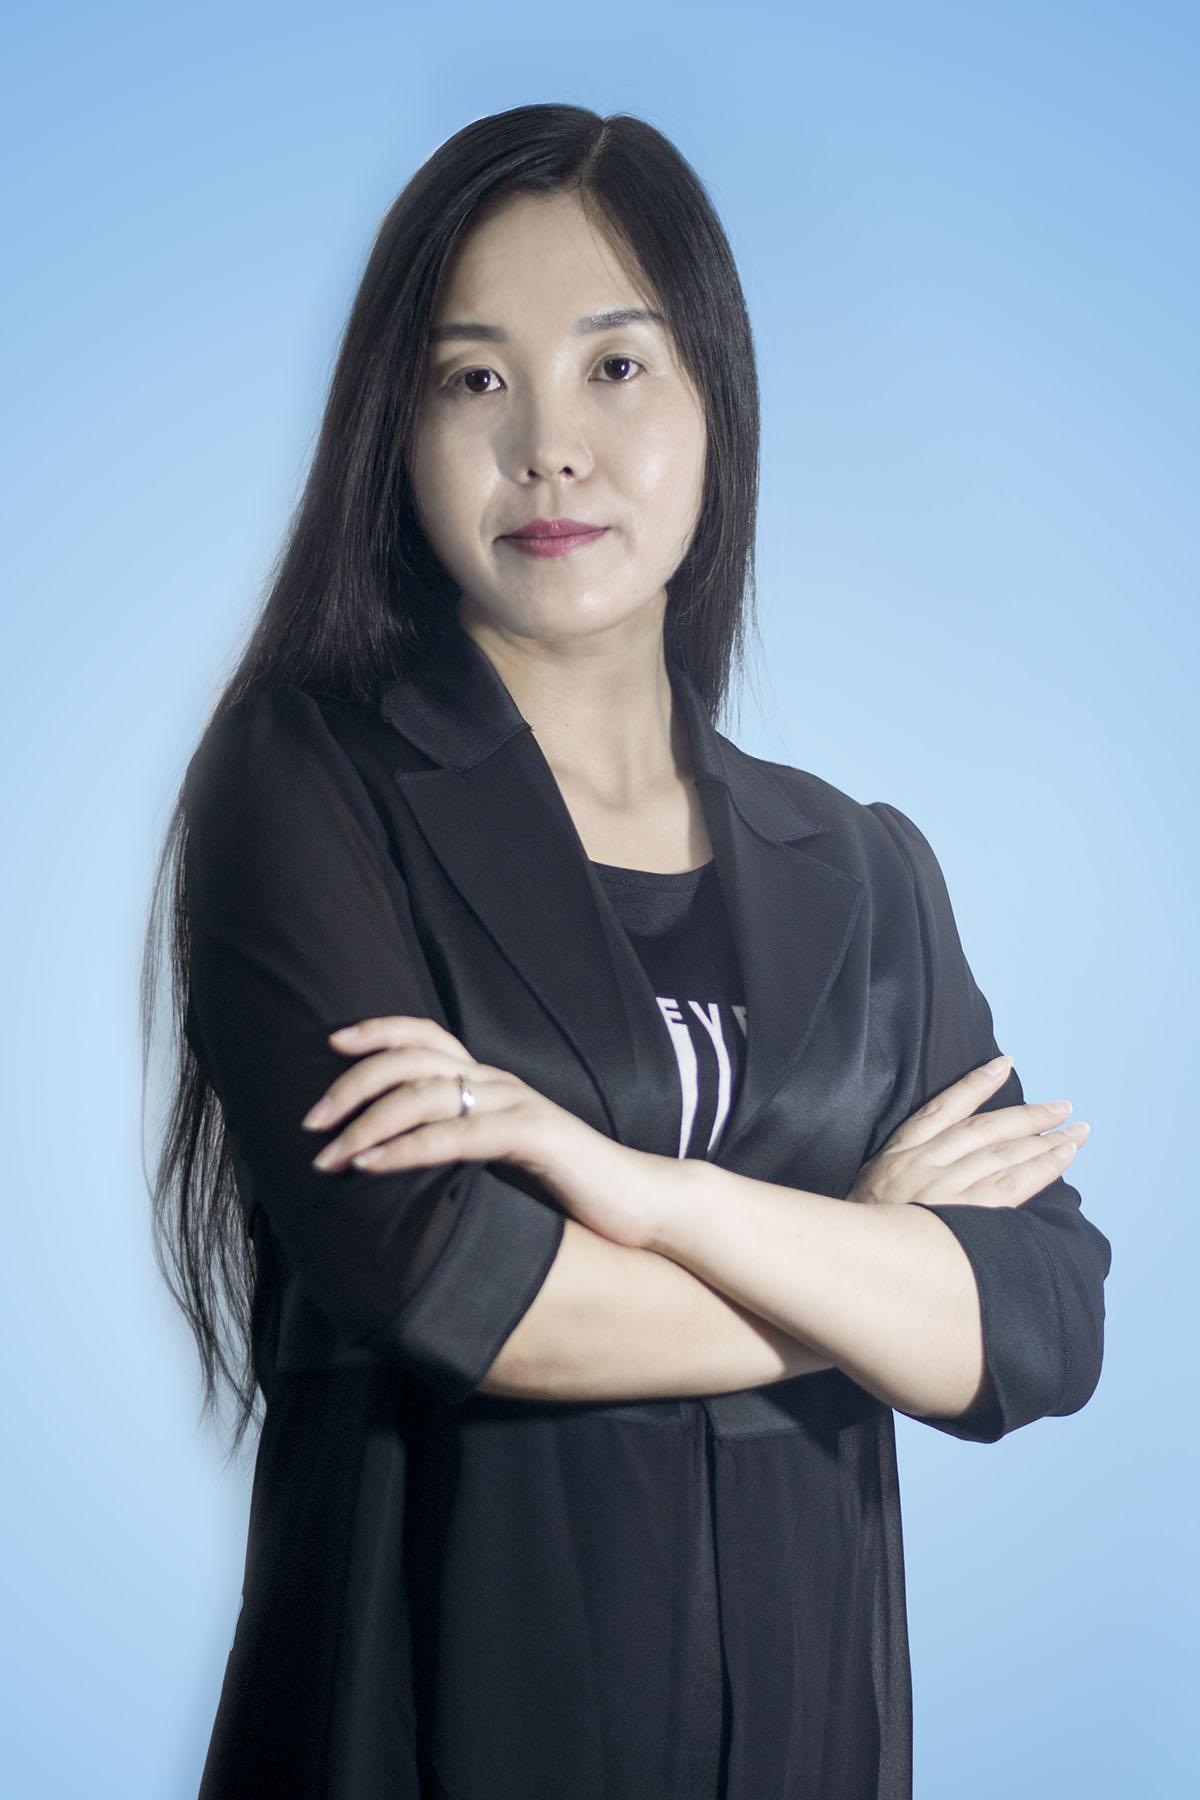 广州家教韩晓妮老师